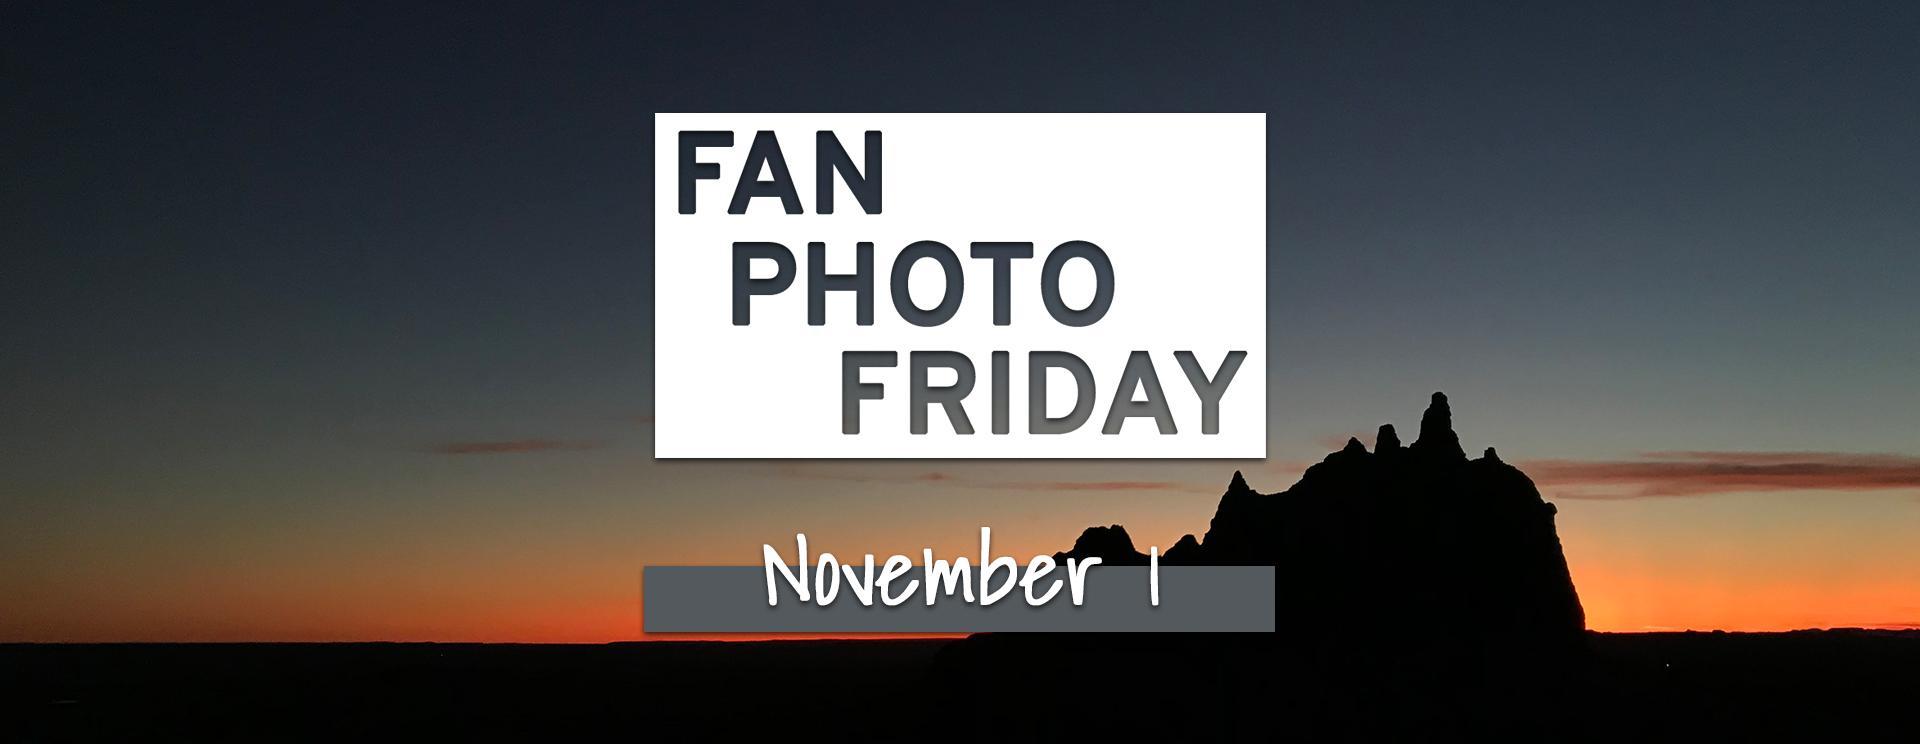 Fan Photo Friday   November 1, 2019